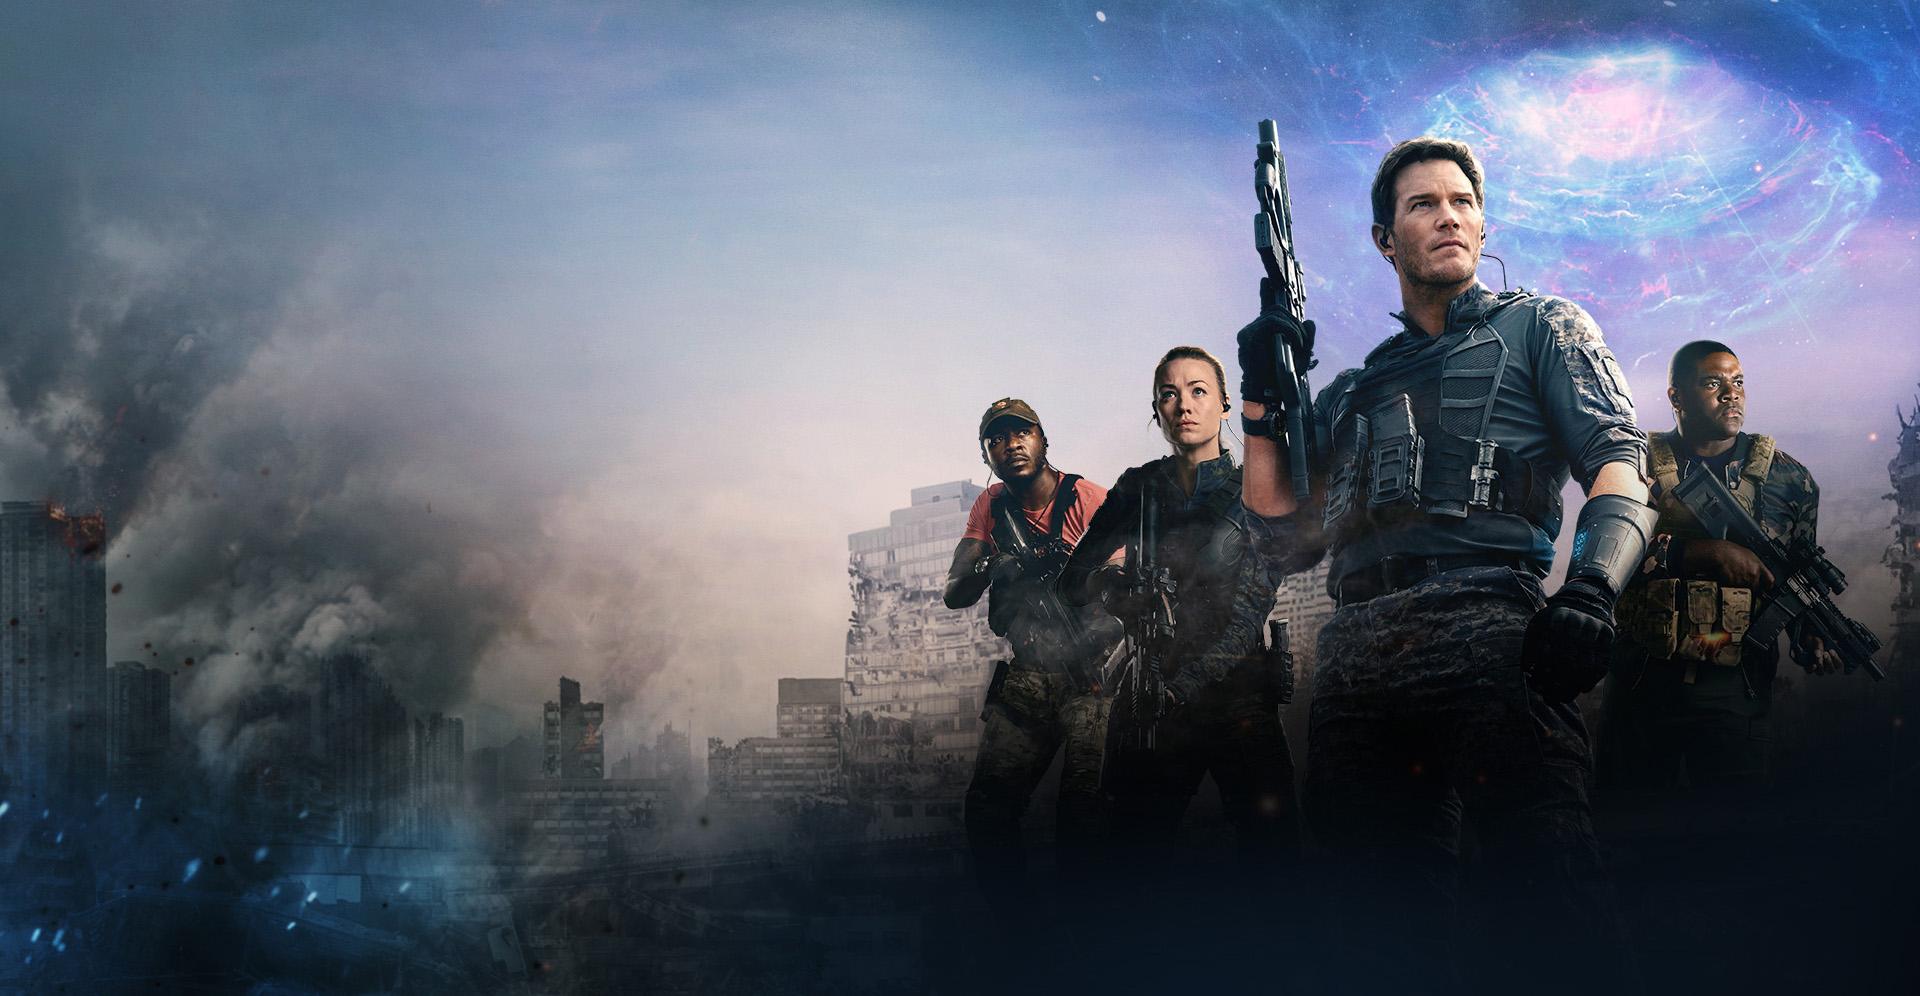 ¿Por qué 'La guerra del mañana' es la película 'perfecta' de ciencia ficción?